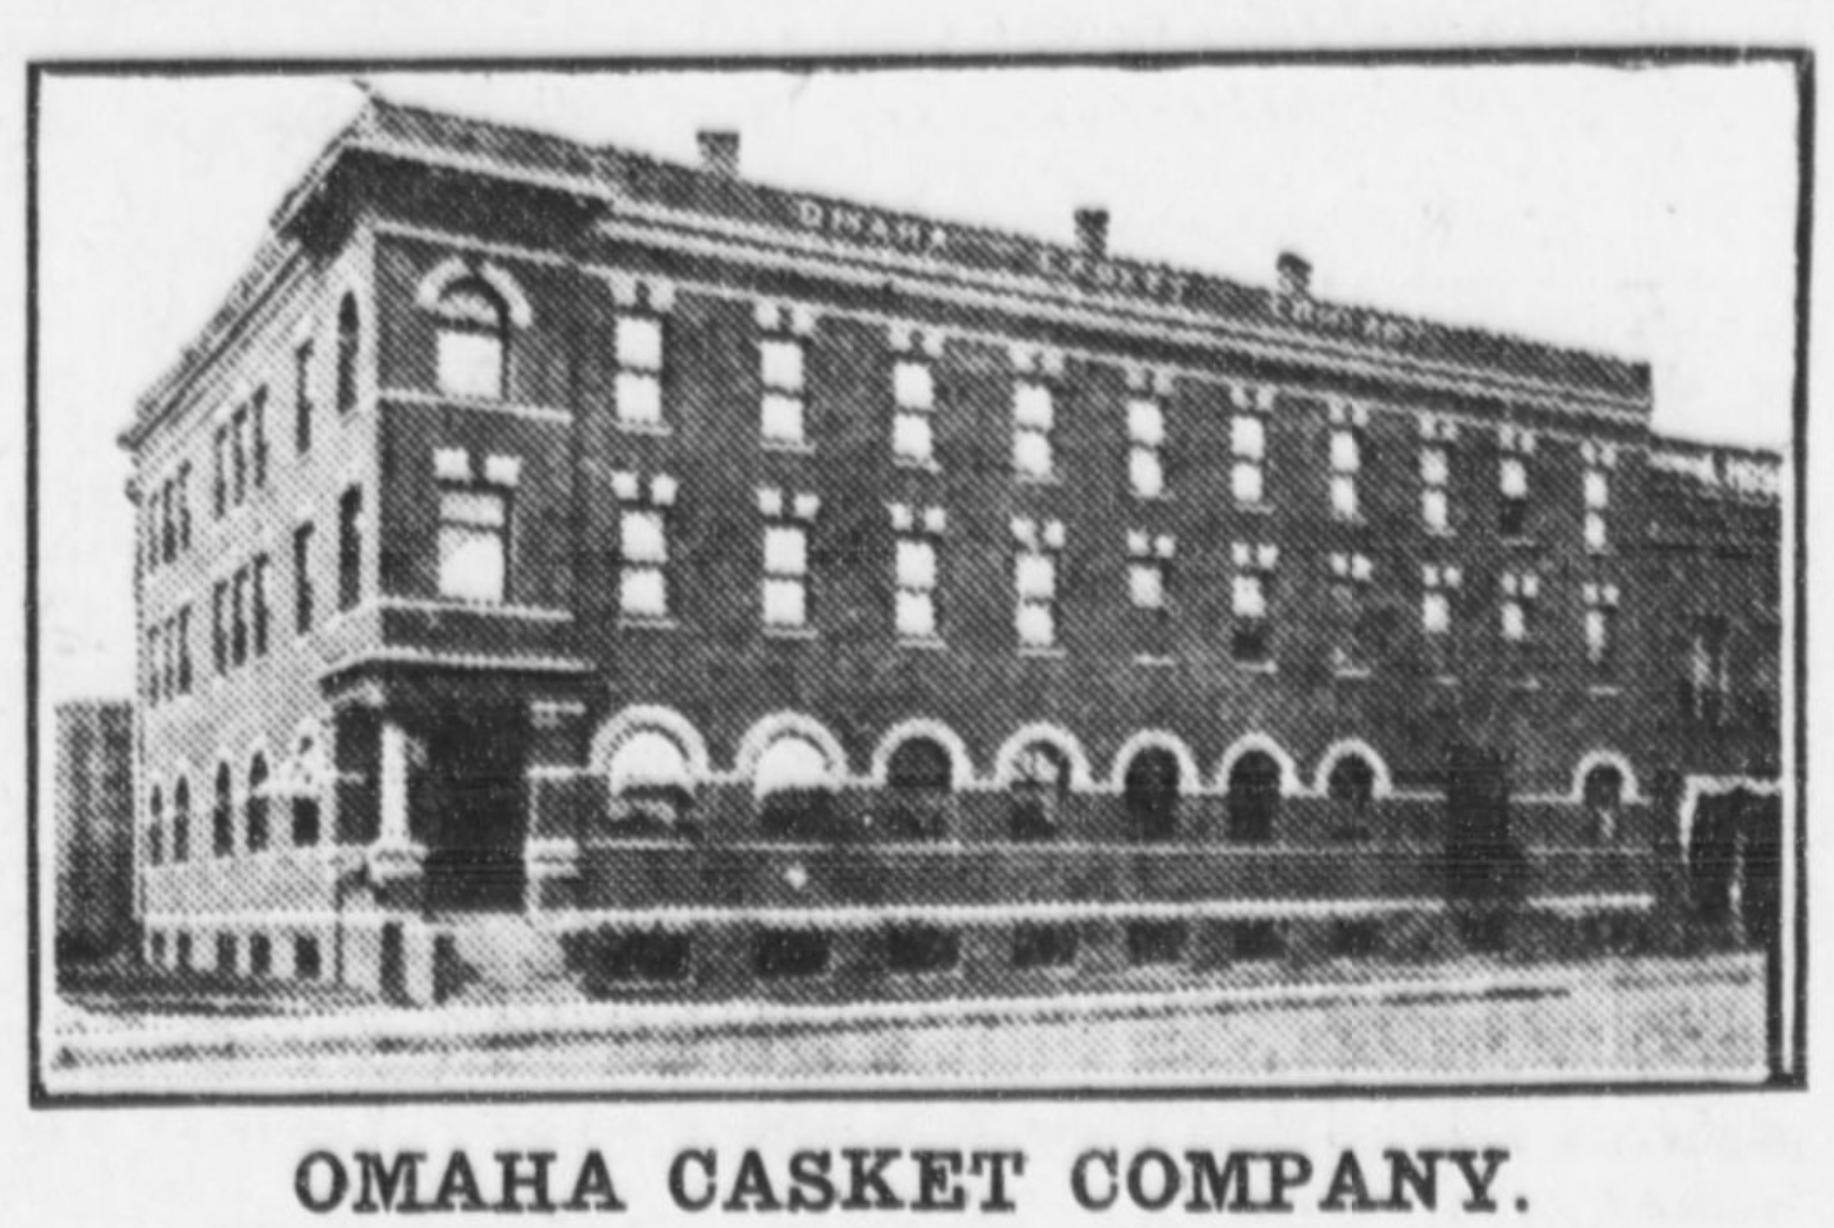 Omaha Casket Company factory, North Omaha, Nebraska